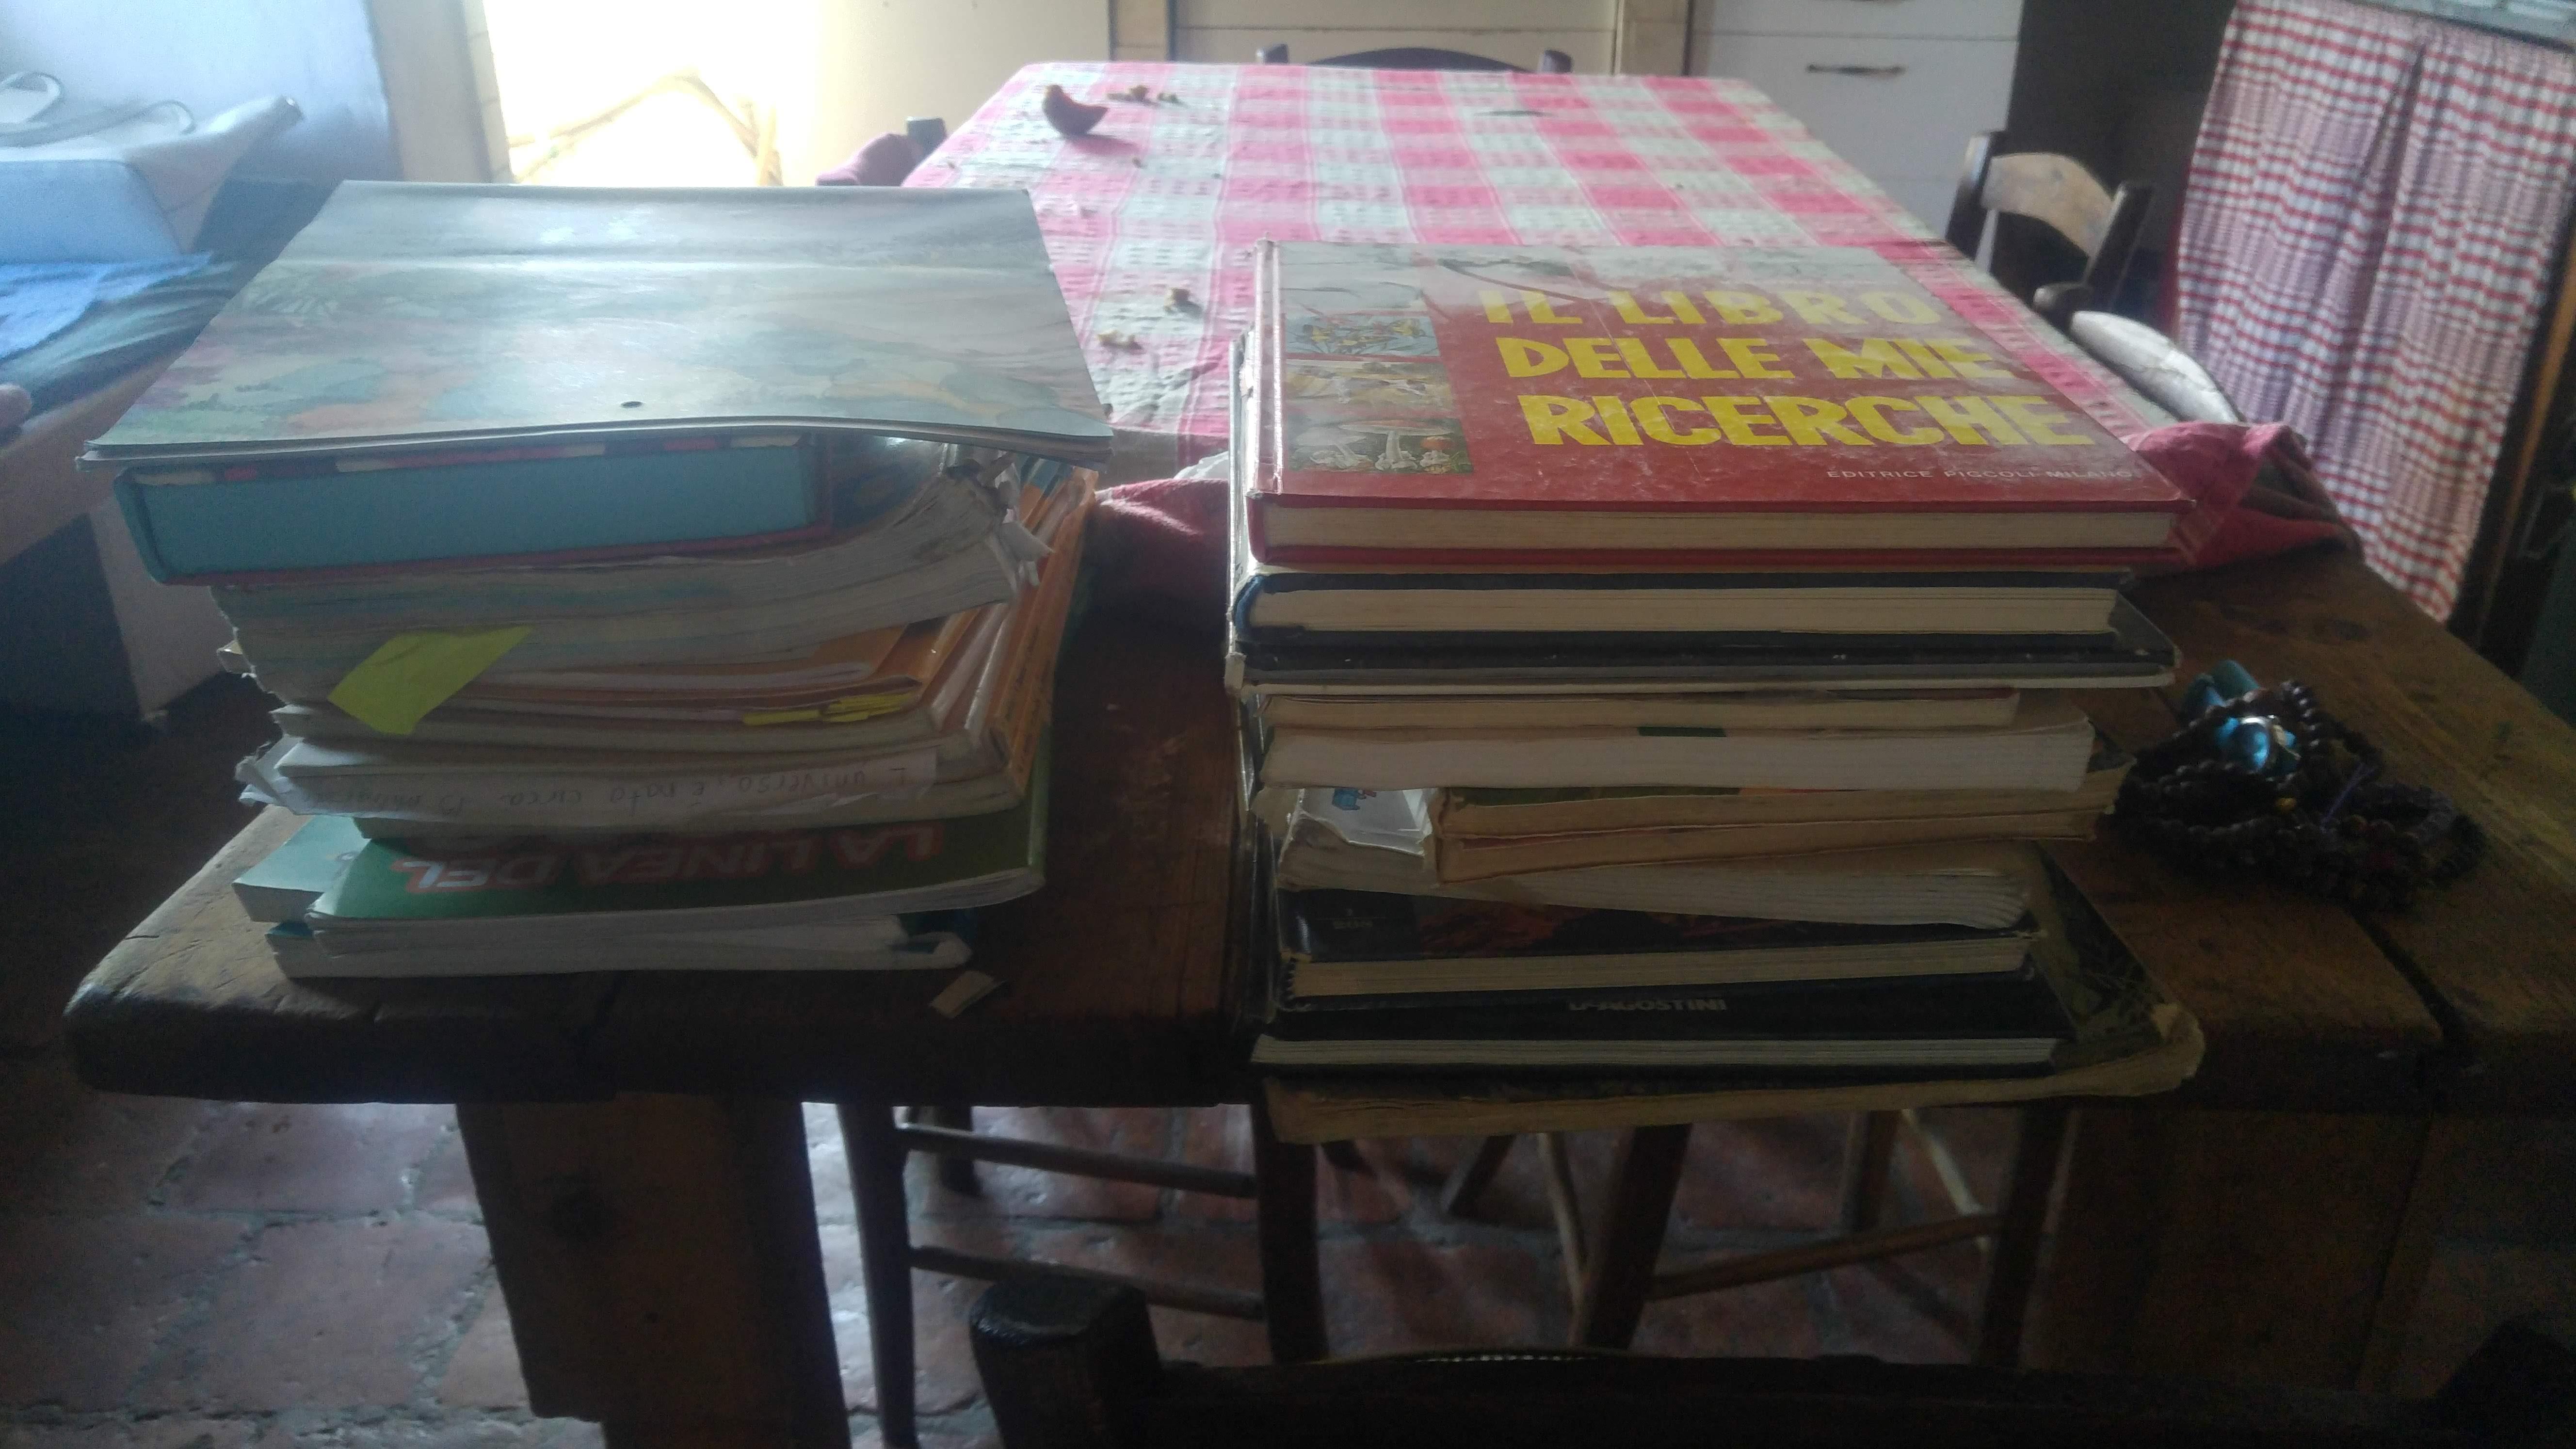 Homeschooling cosa ho imparato-libri vecchi regalati